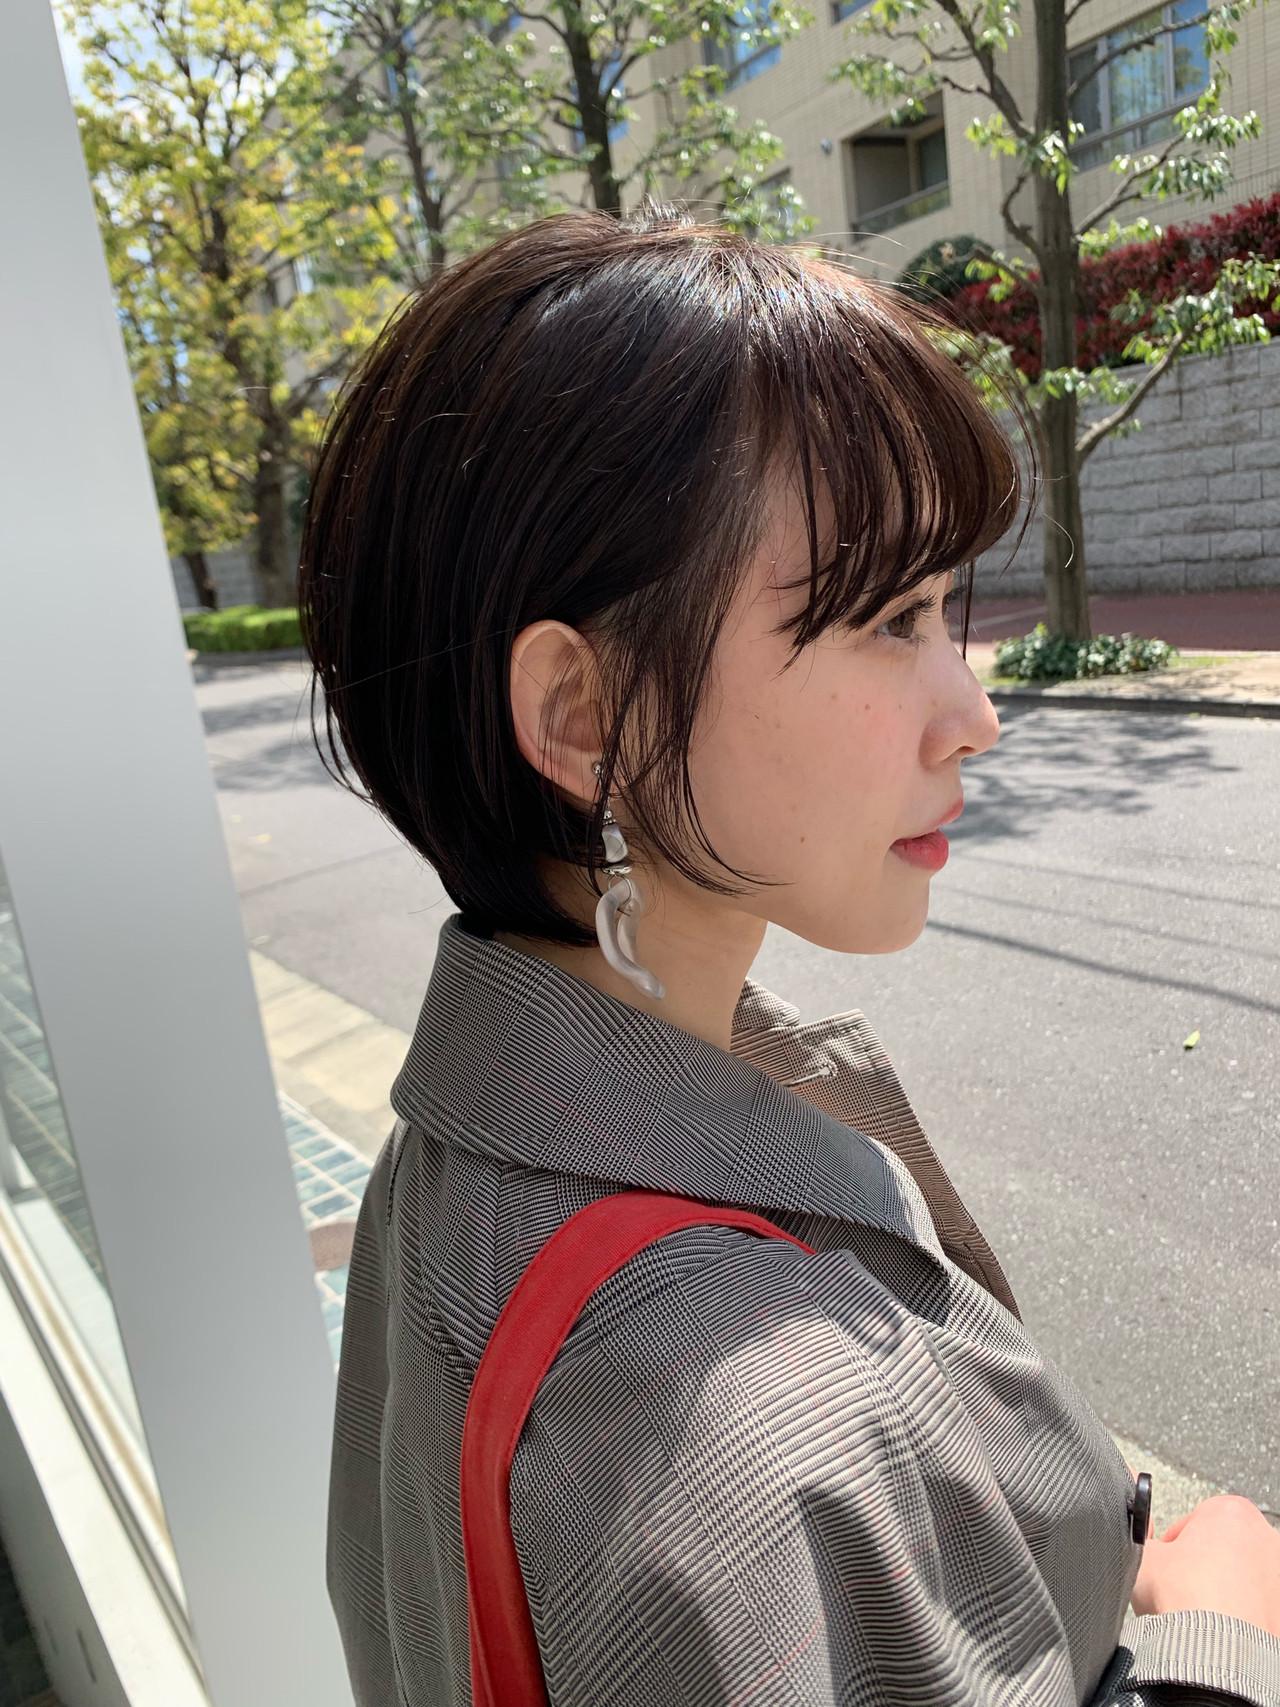 ショート 耳掛けショート ナチュラル デート ヘアスタイルや髪型の写真・画像 | 富永大樹【小顔ショート】【小顔ミディアム】 / Unami